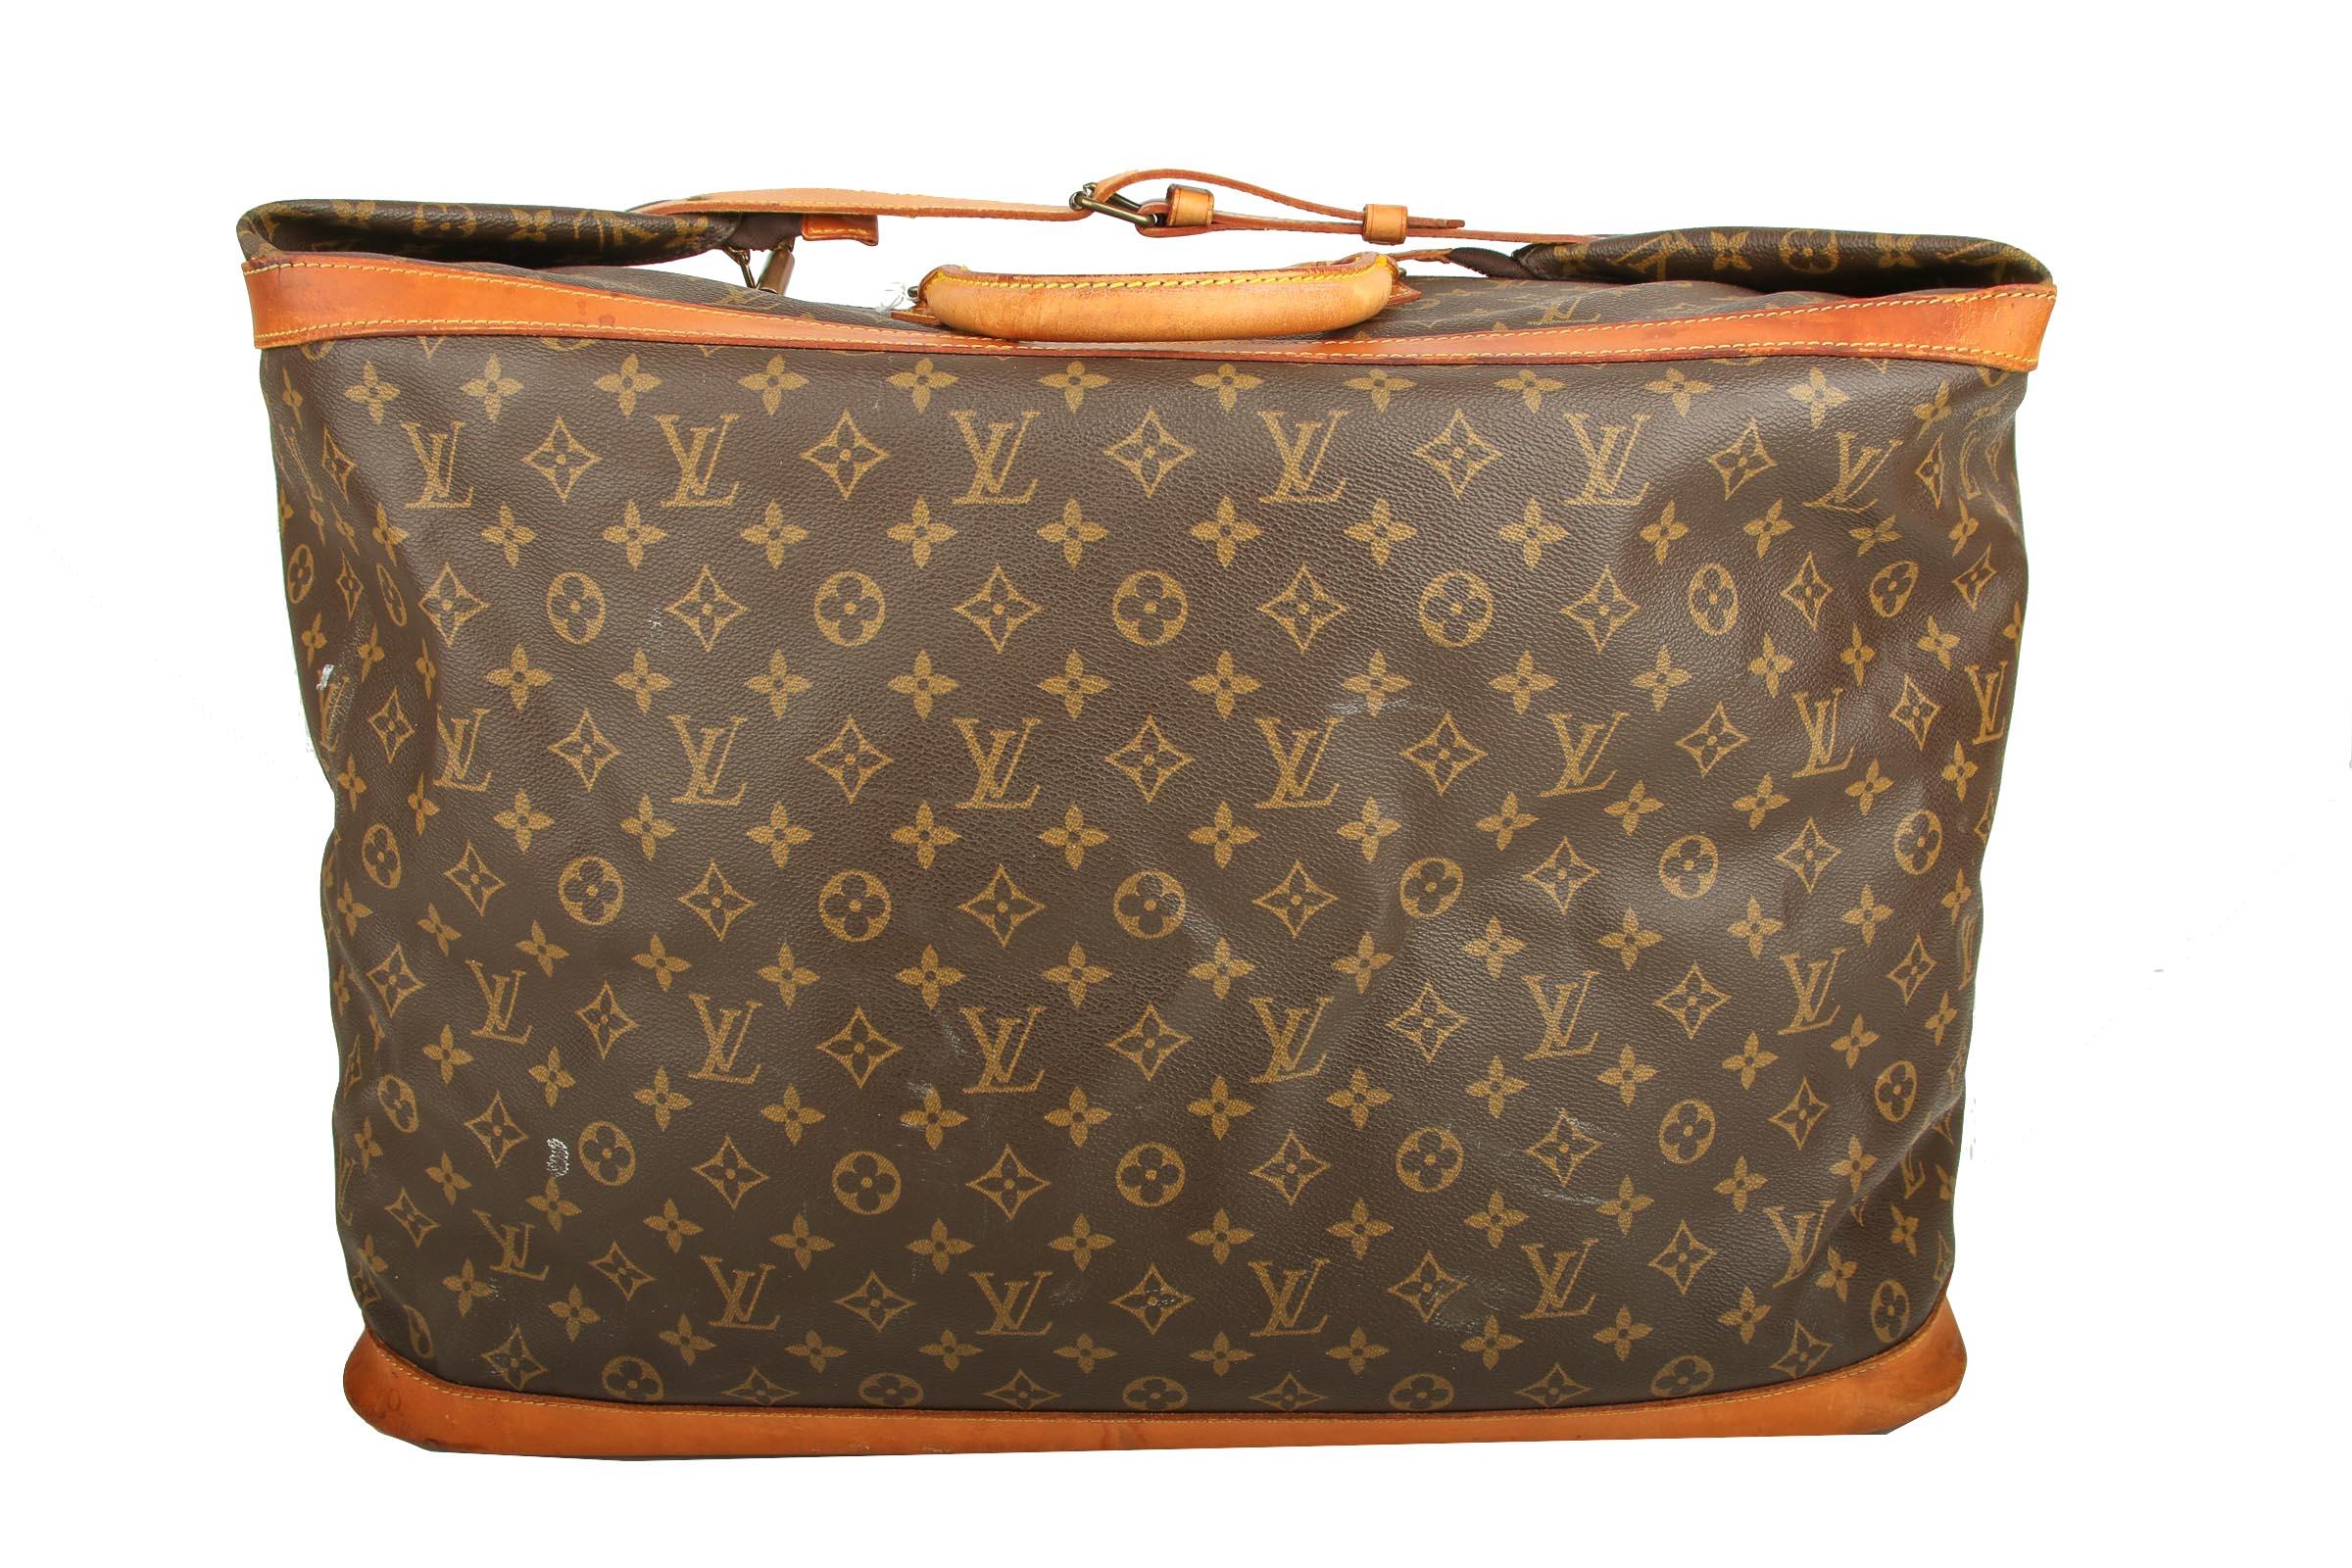 bbb60b163510a Louis Vuitton Cruiser Bag 55 Monogram Canvas